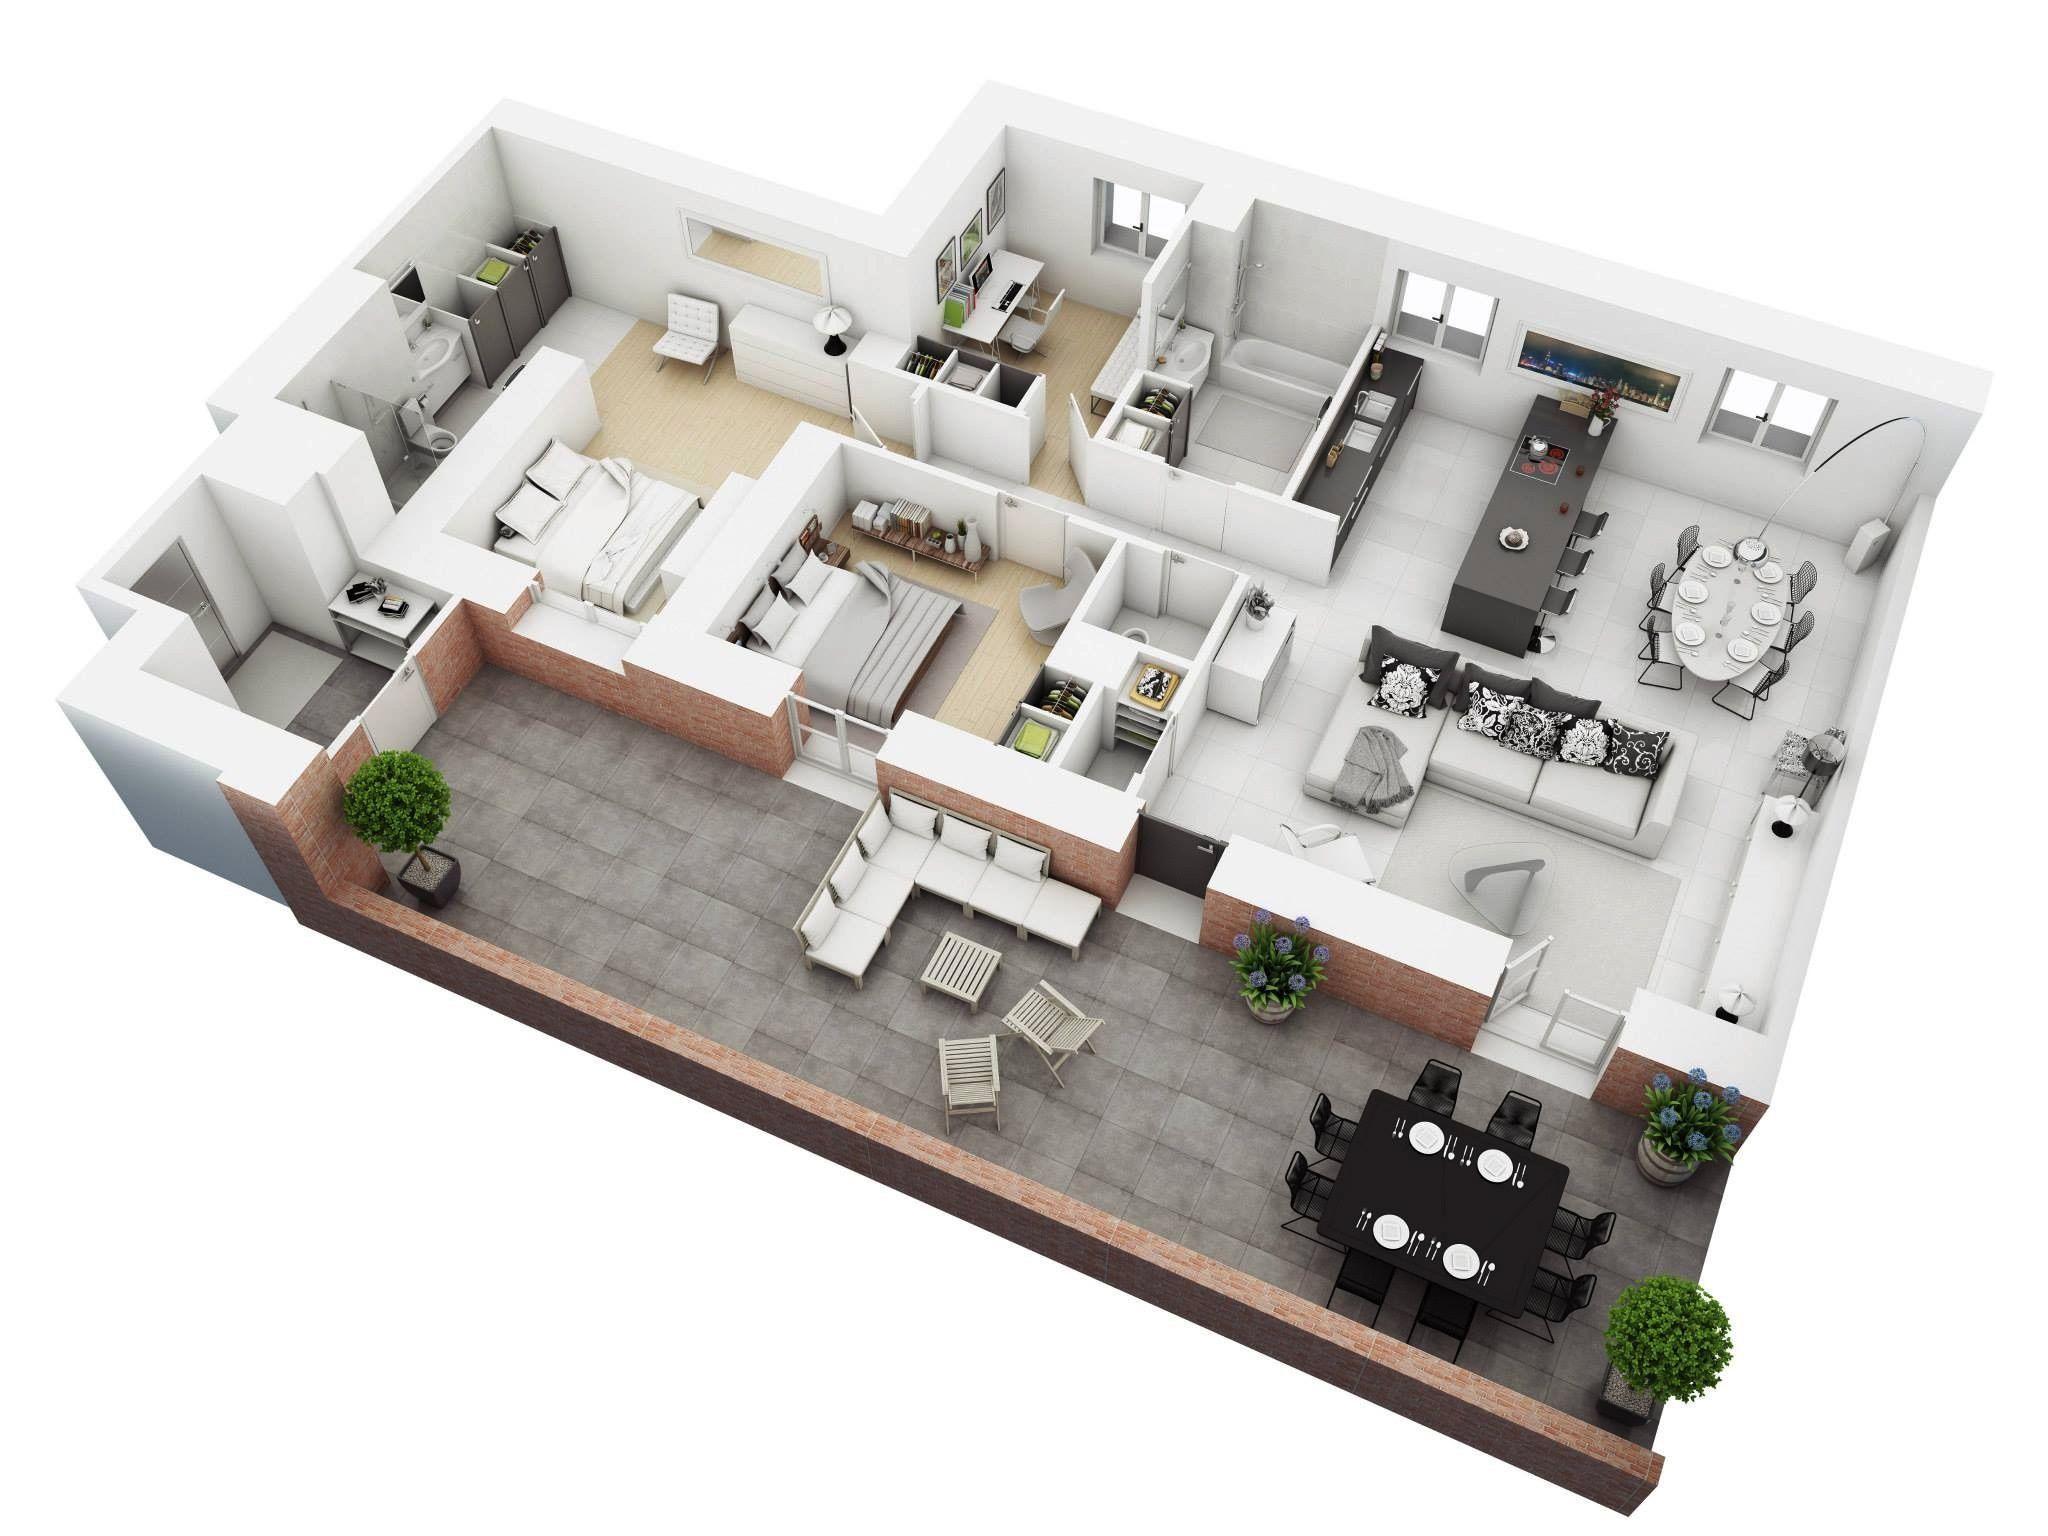 3d Rendering First Floor Townhome Unique Floor Plans Rendered Floor Plan Home Design Plan